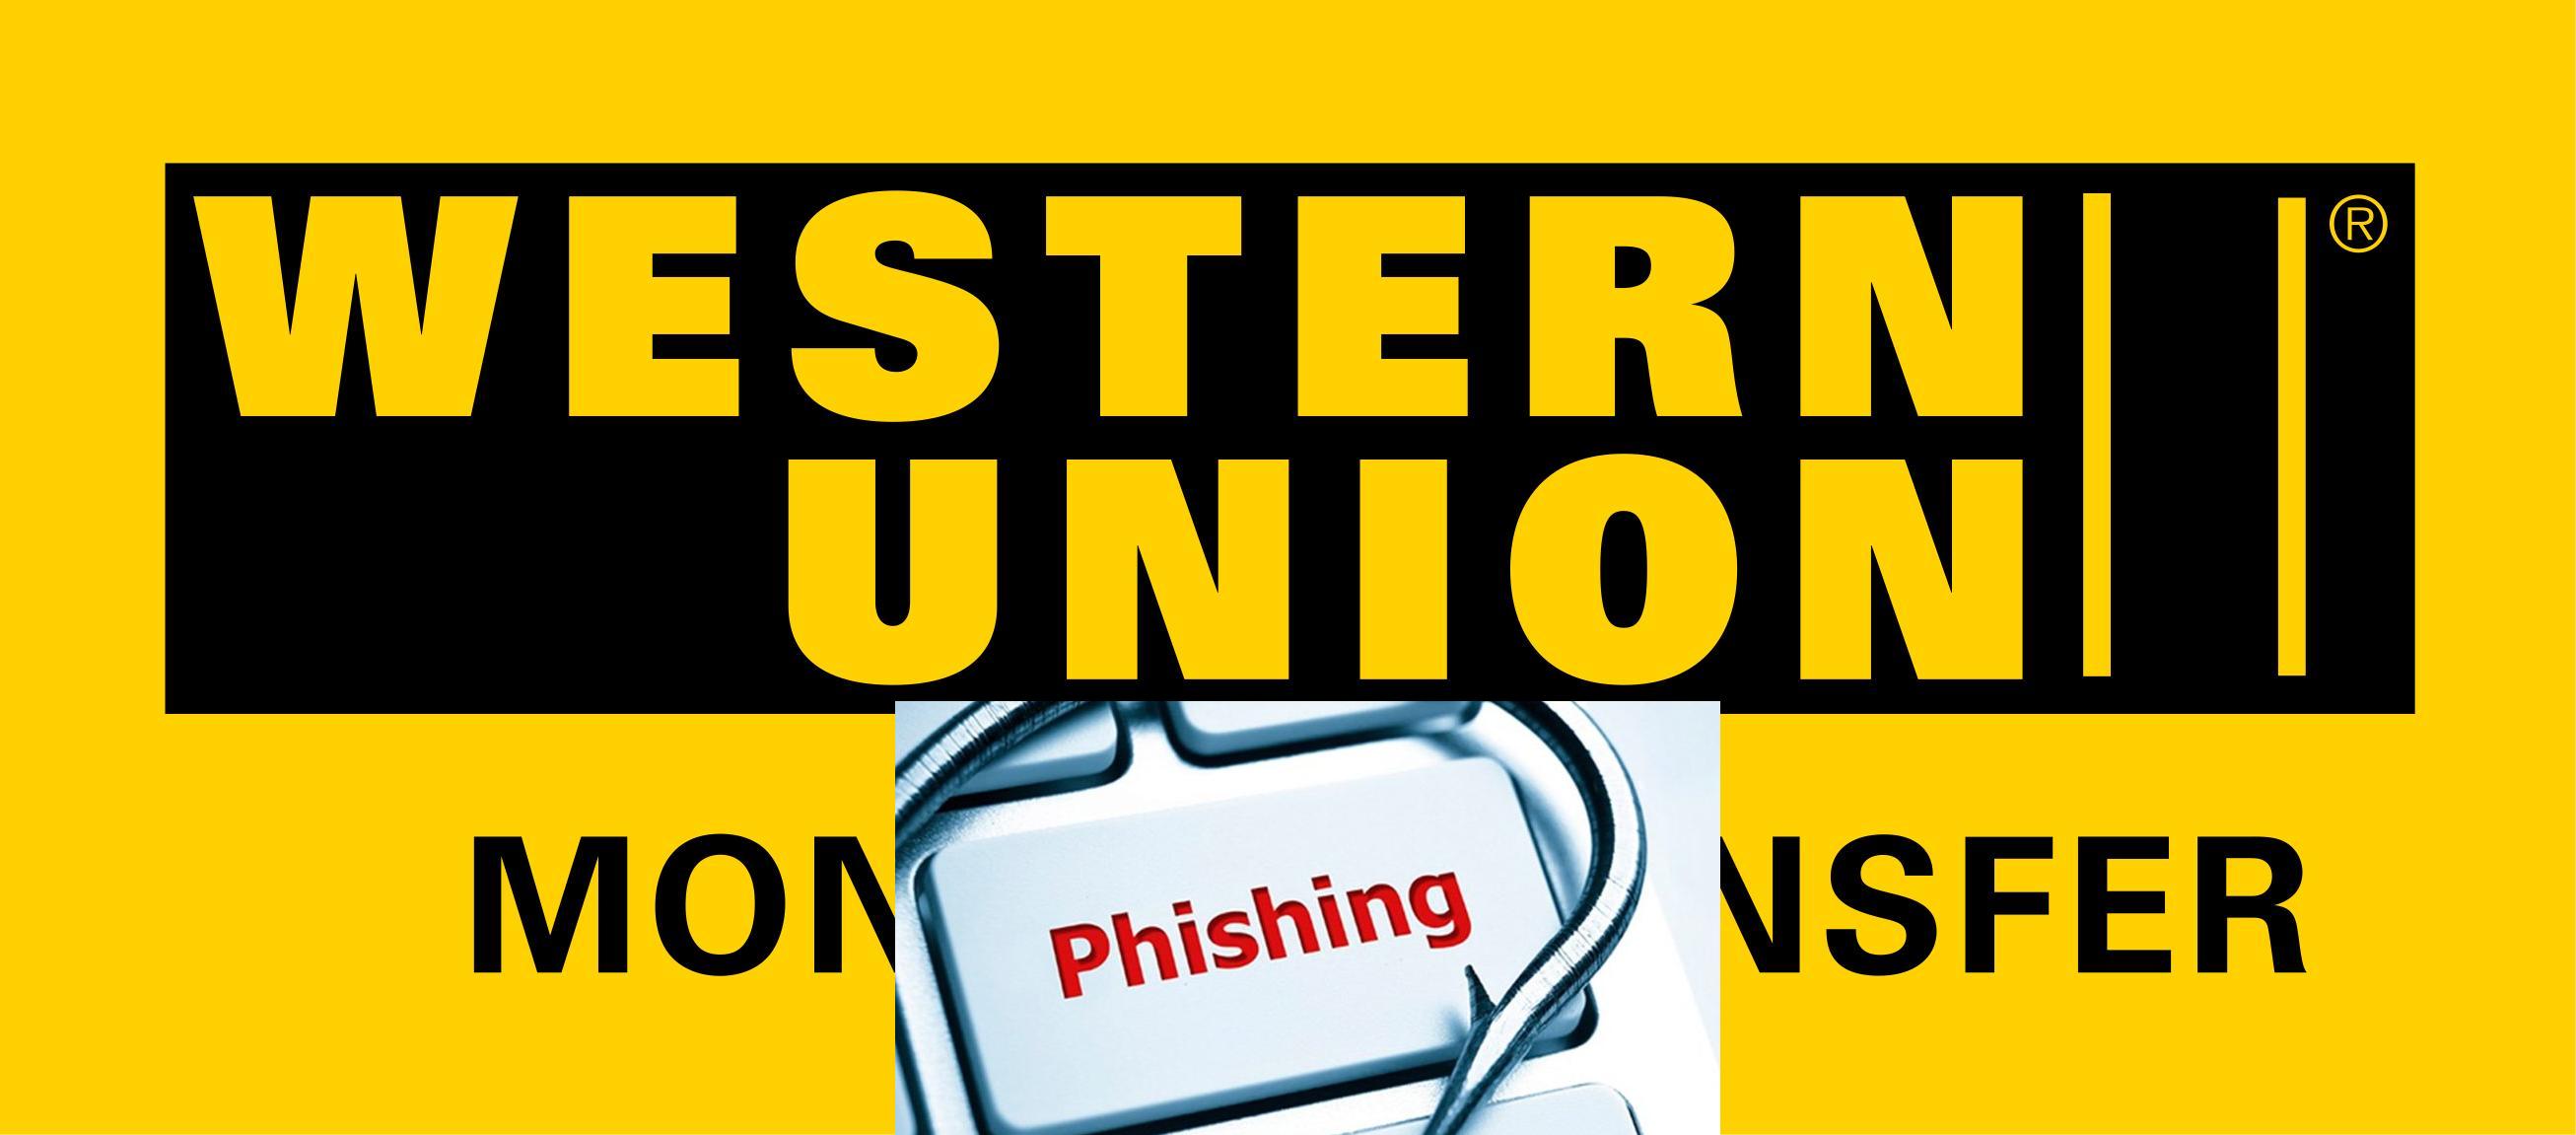 Cảnh báo chiêu thức lừa đảo chuyển tiền WESTERN UNION mới năm 2019